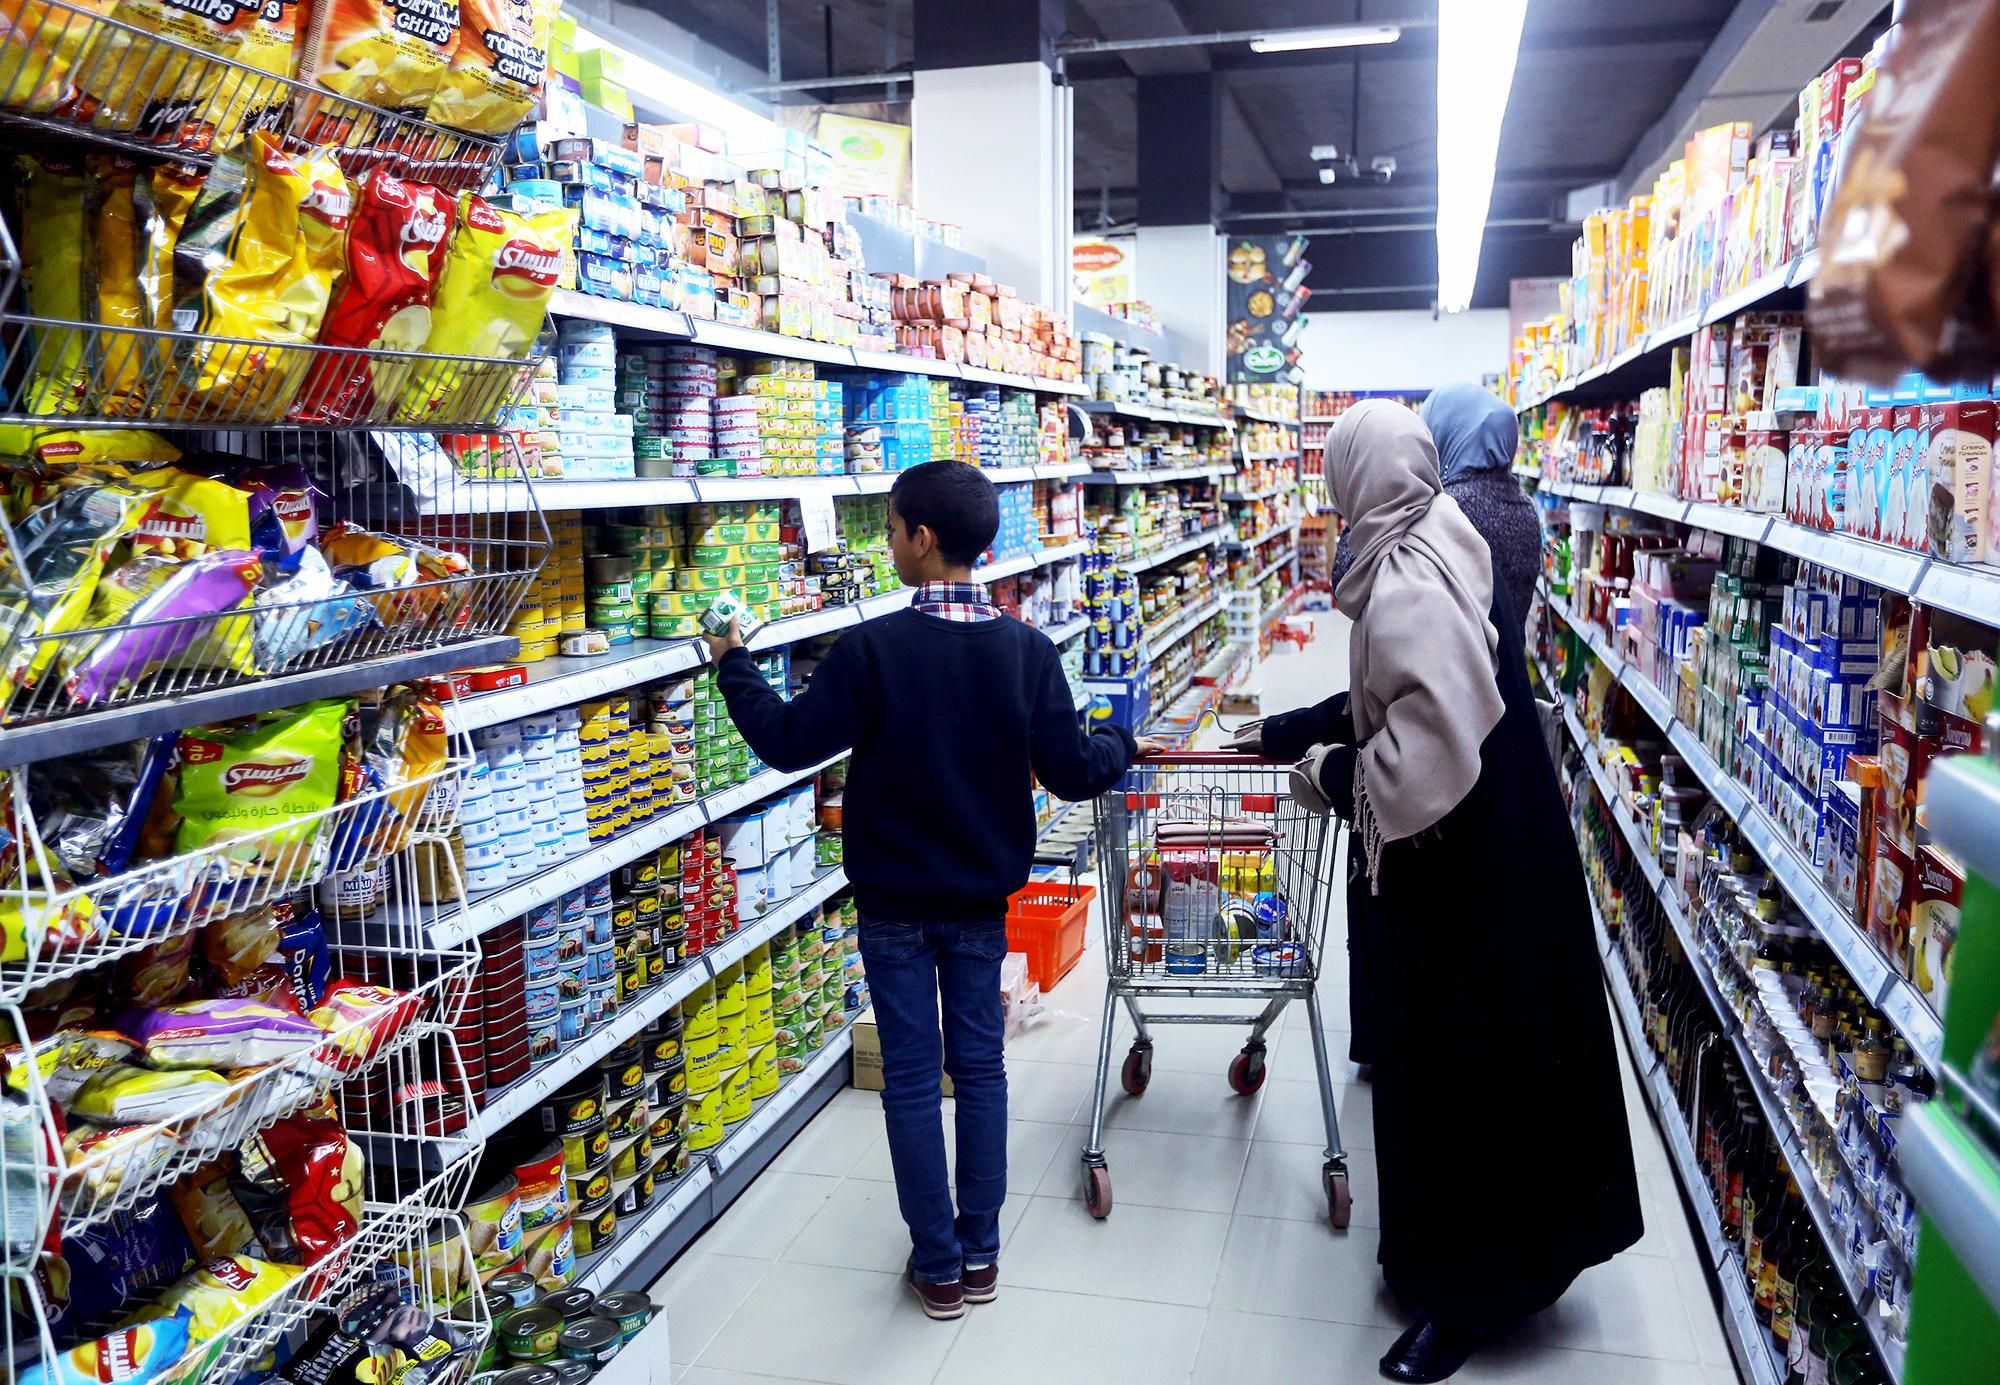 Les supermarchés ont racheté les stocks des magasins des faubourgs sud, fermés à cause des combats.